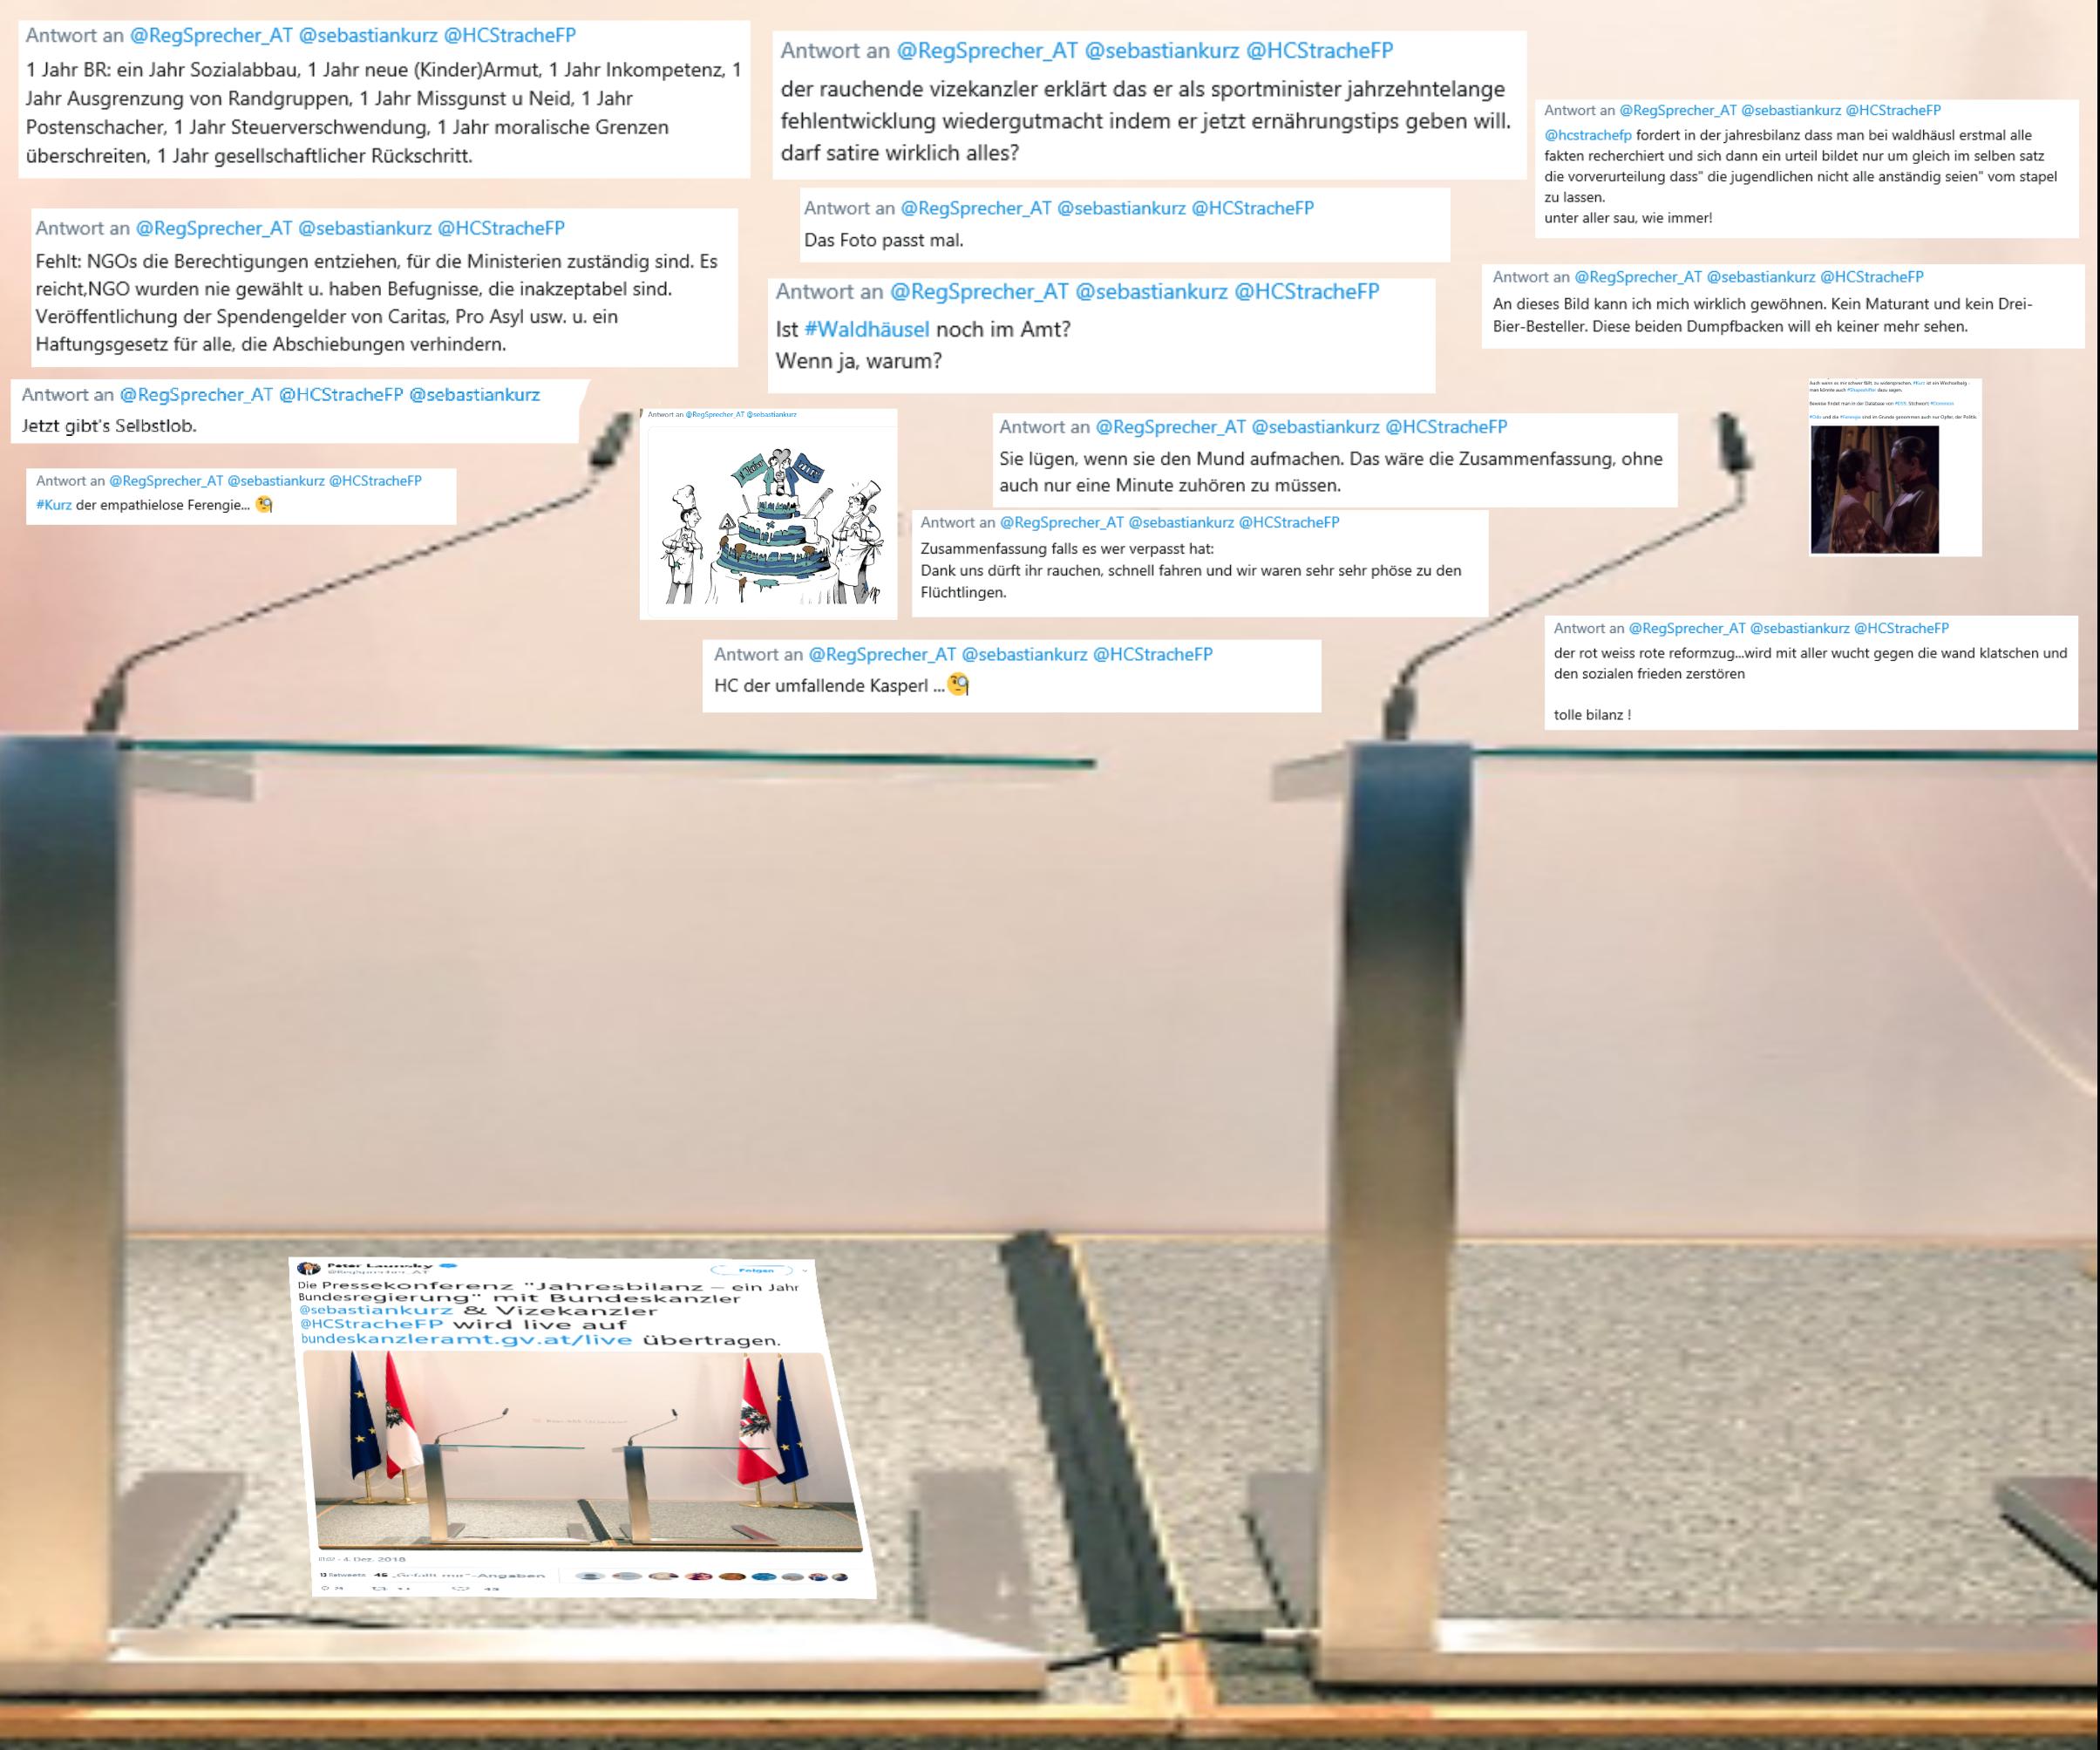 Die Pressekonferenz Jahresbilanz – ein Jahr Bundesregierung mit Bundeskanzler sebastiankurz Vizekanzler HCStracheFP wird live auf bundeskanzleramtgvat live übertragen